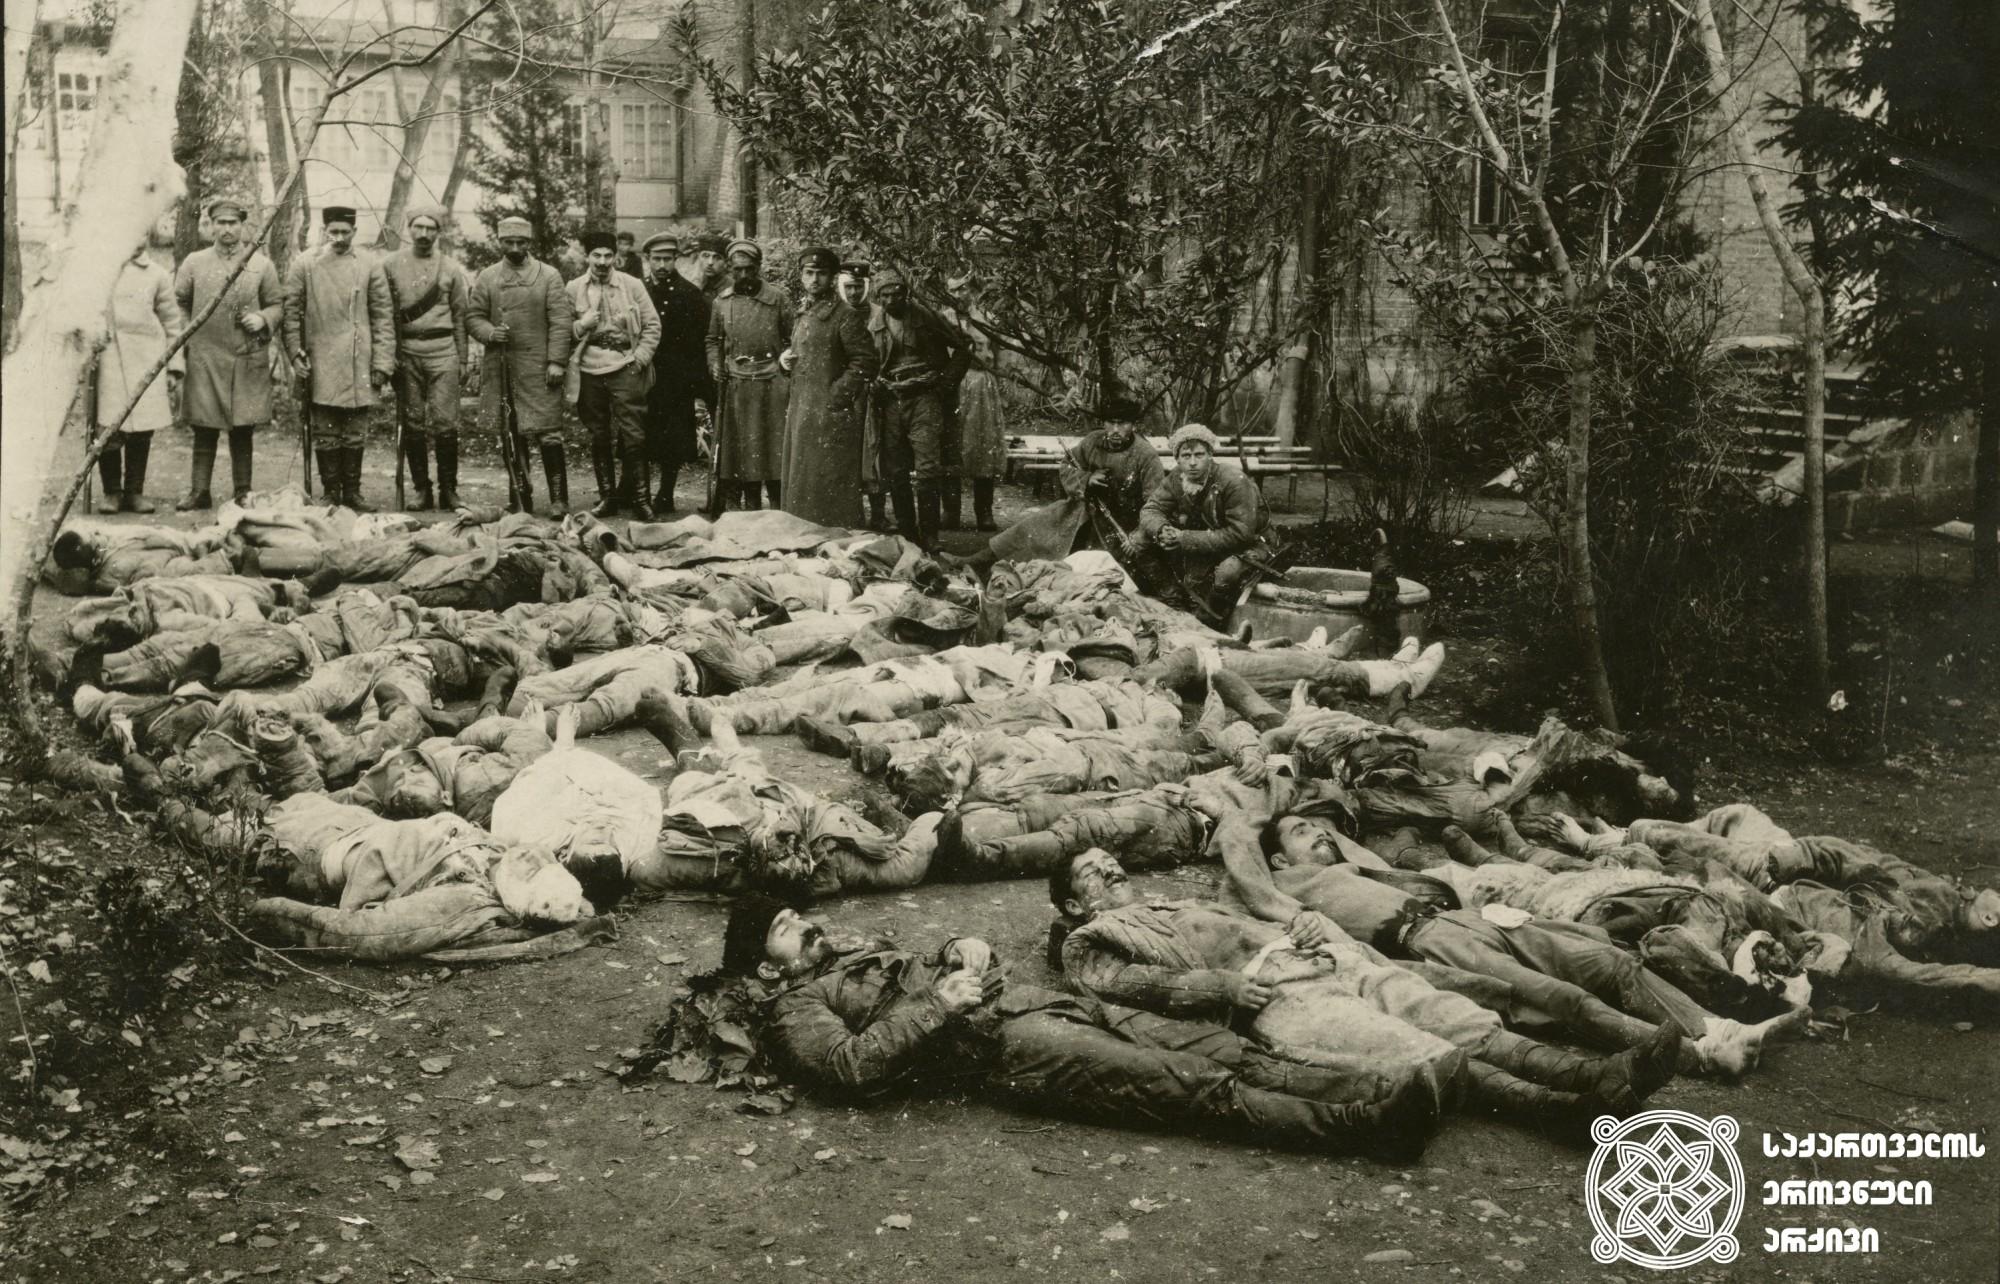 რუსეთ-საქართველოს 1921 წლის ომში დაღუპული სახალხო გვარდიელები.  <br> თბილისი, 1921 წლის თებერვლის ბოლო. <br> People's guardsmen perished in Russian-Georgian War of 1921.  <br> Tbilisi, End of February 1921.